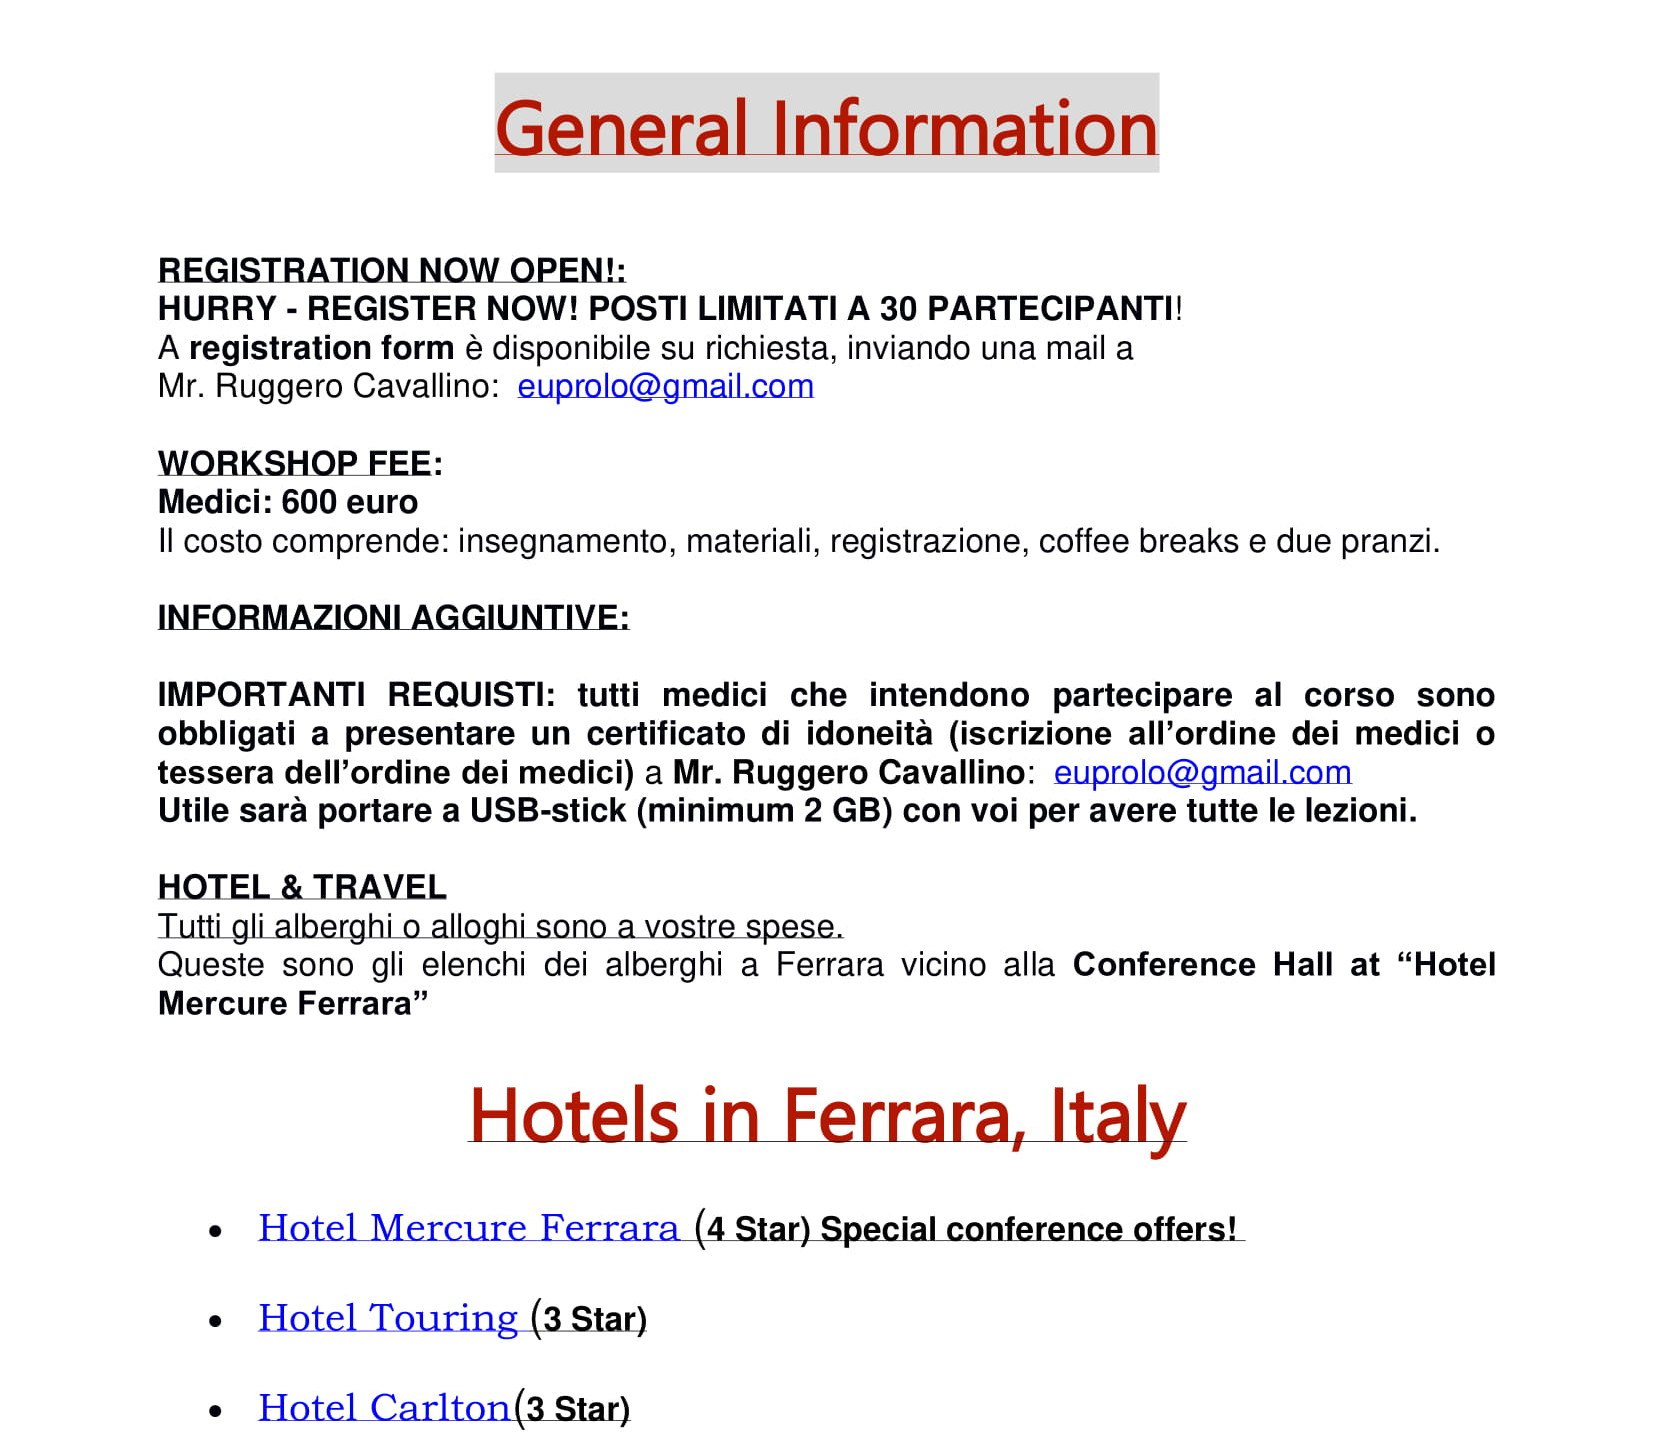 Corsi Prolo Italiano 2020 (Info Generale